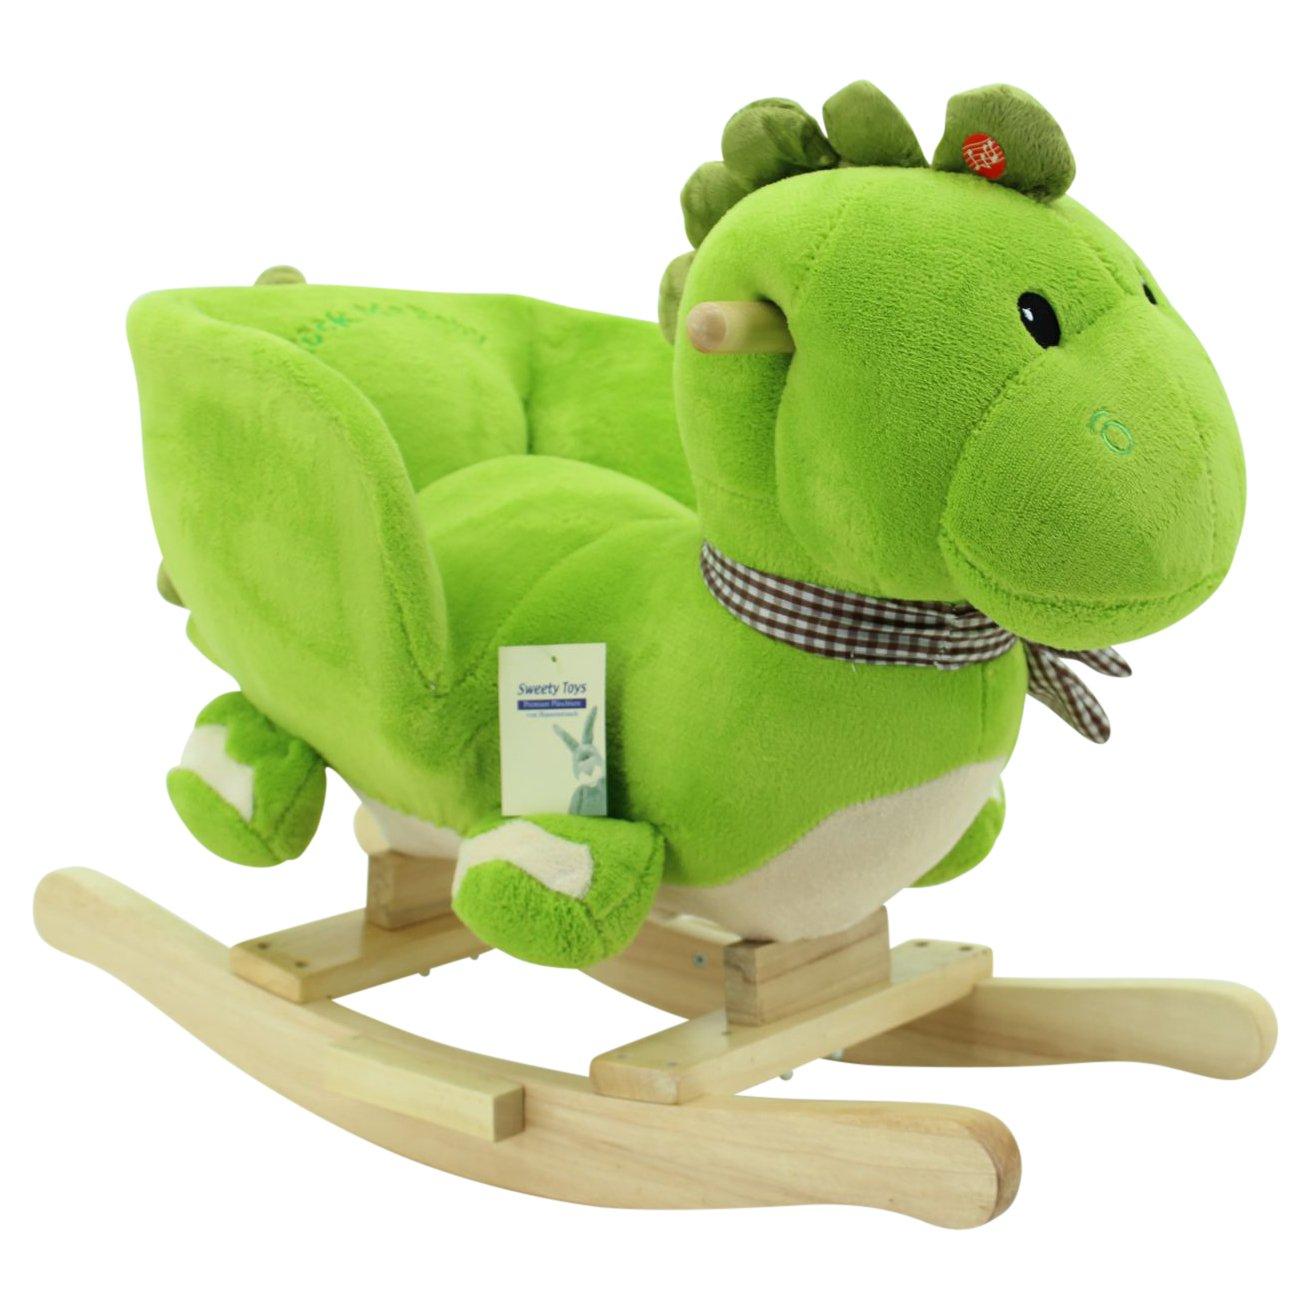 Sweety Toys 6731 GRISU Pl/üsch Schaukeltier Schaukeldrache Drache mit Funktion